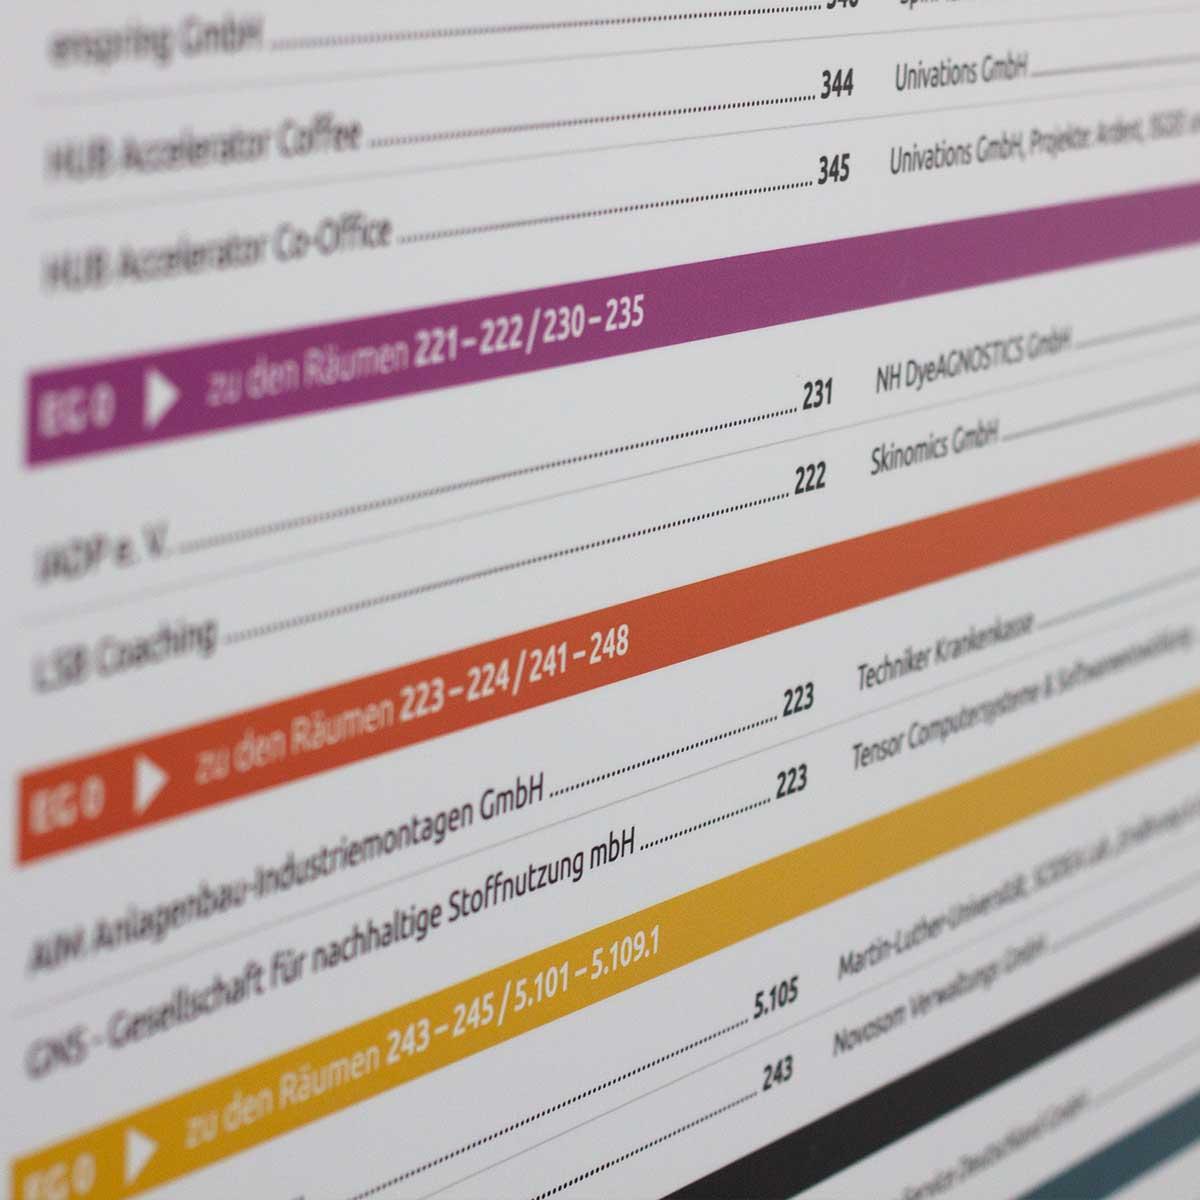 Detailaufnahme einer Grundorientierungstafel im Weinberg Campus Innovation Hub